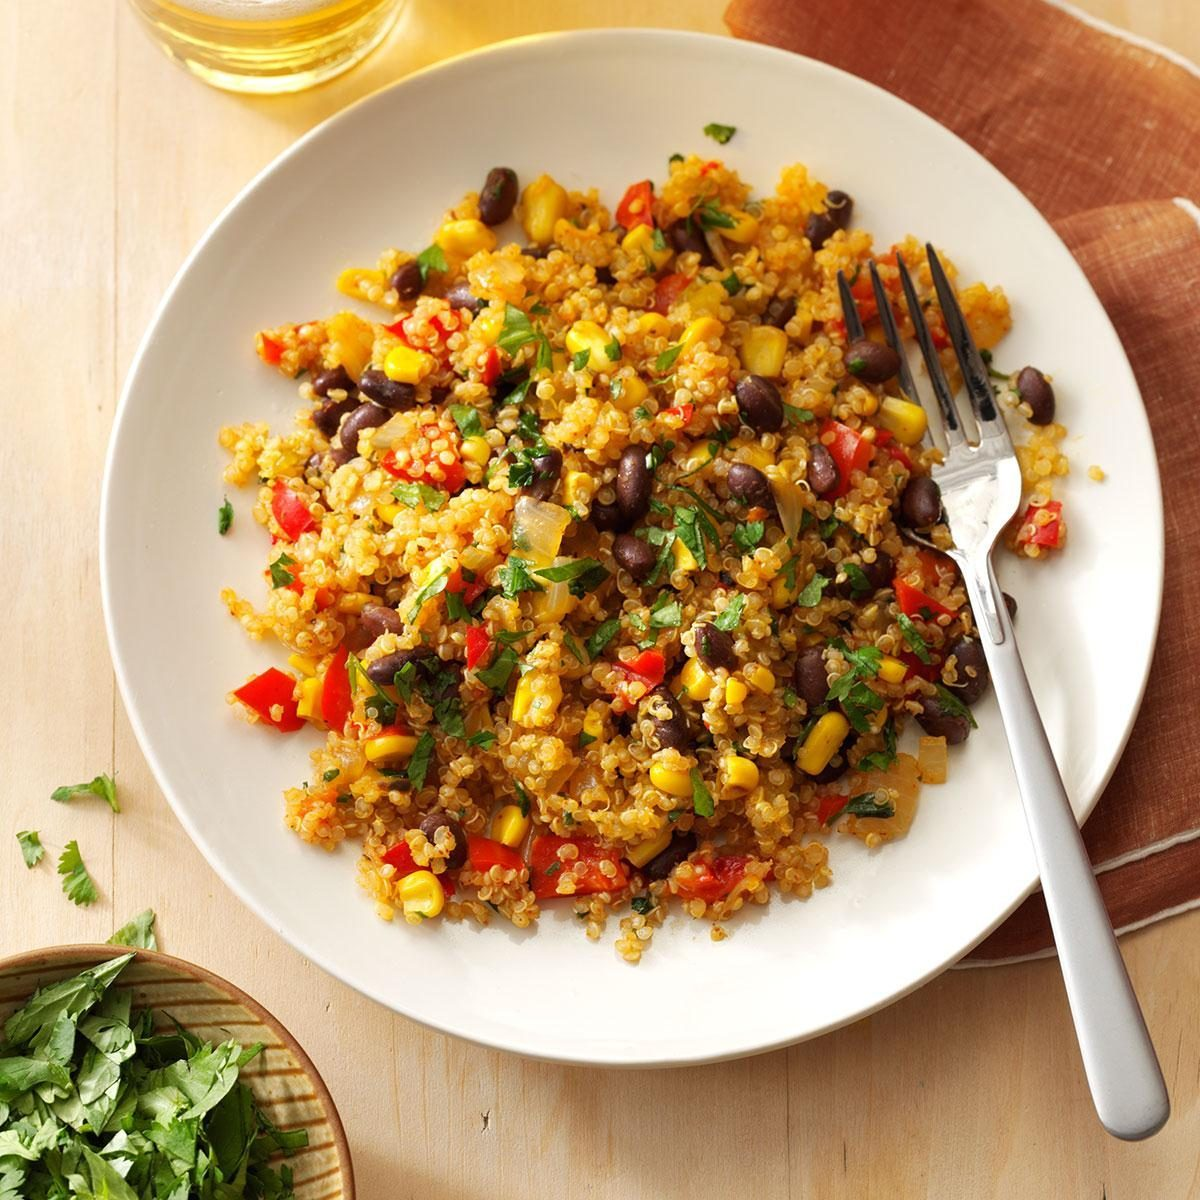 Tuesday: Black Bean & Corn Quinoa